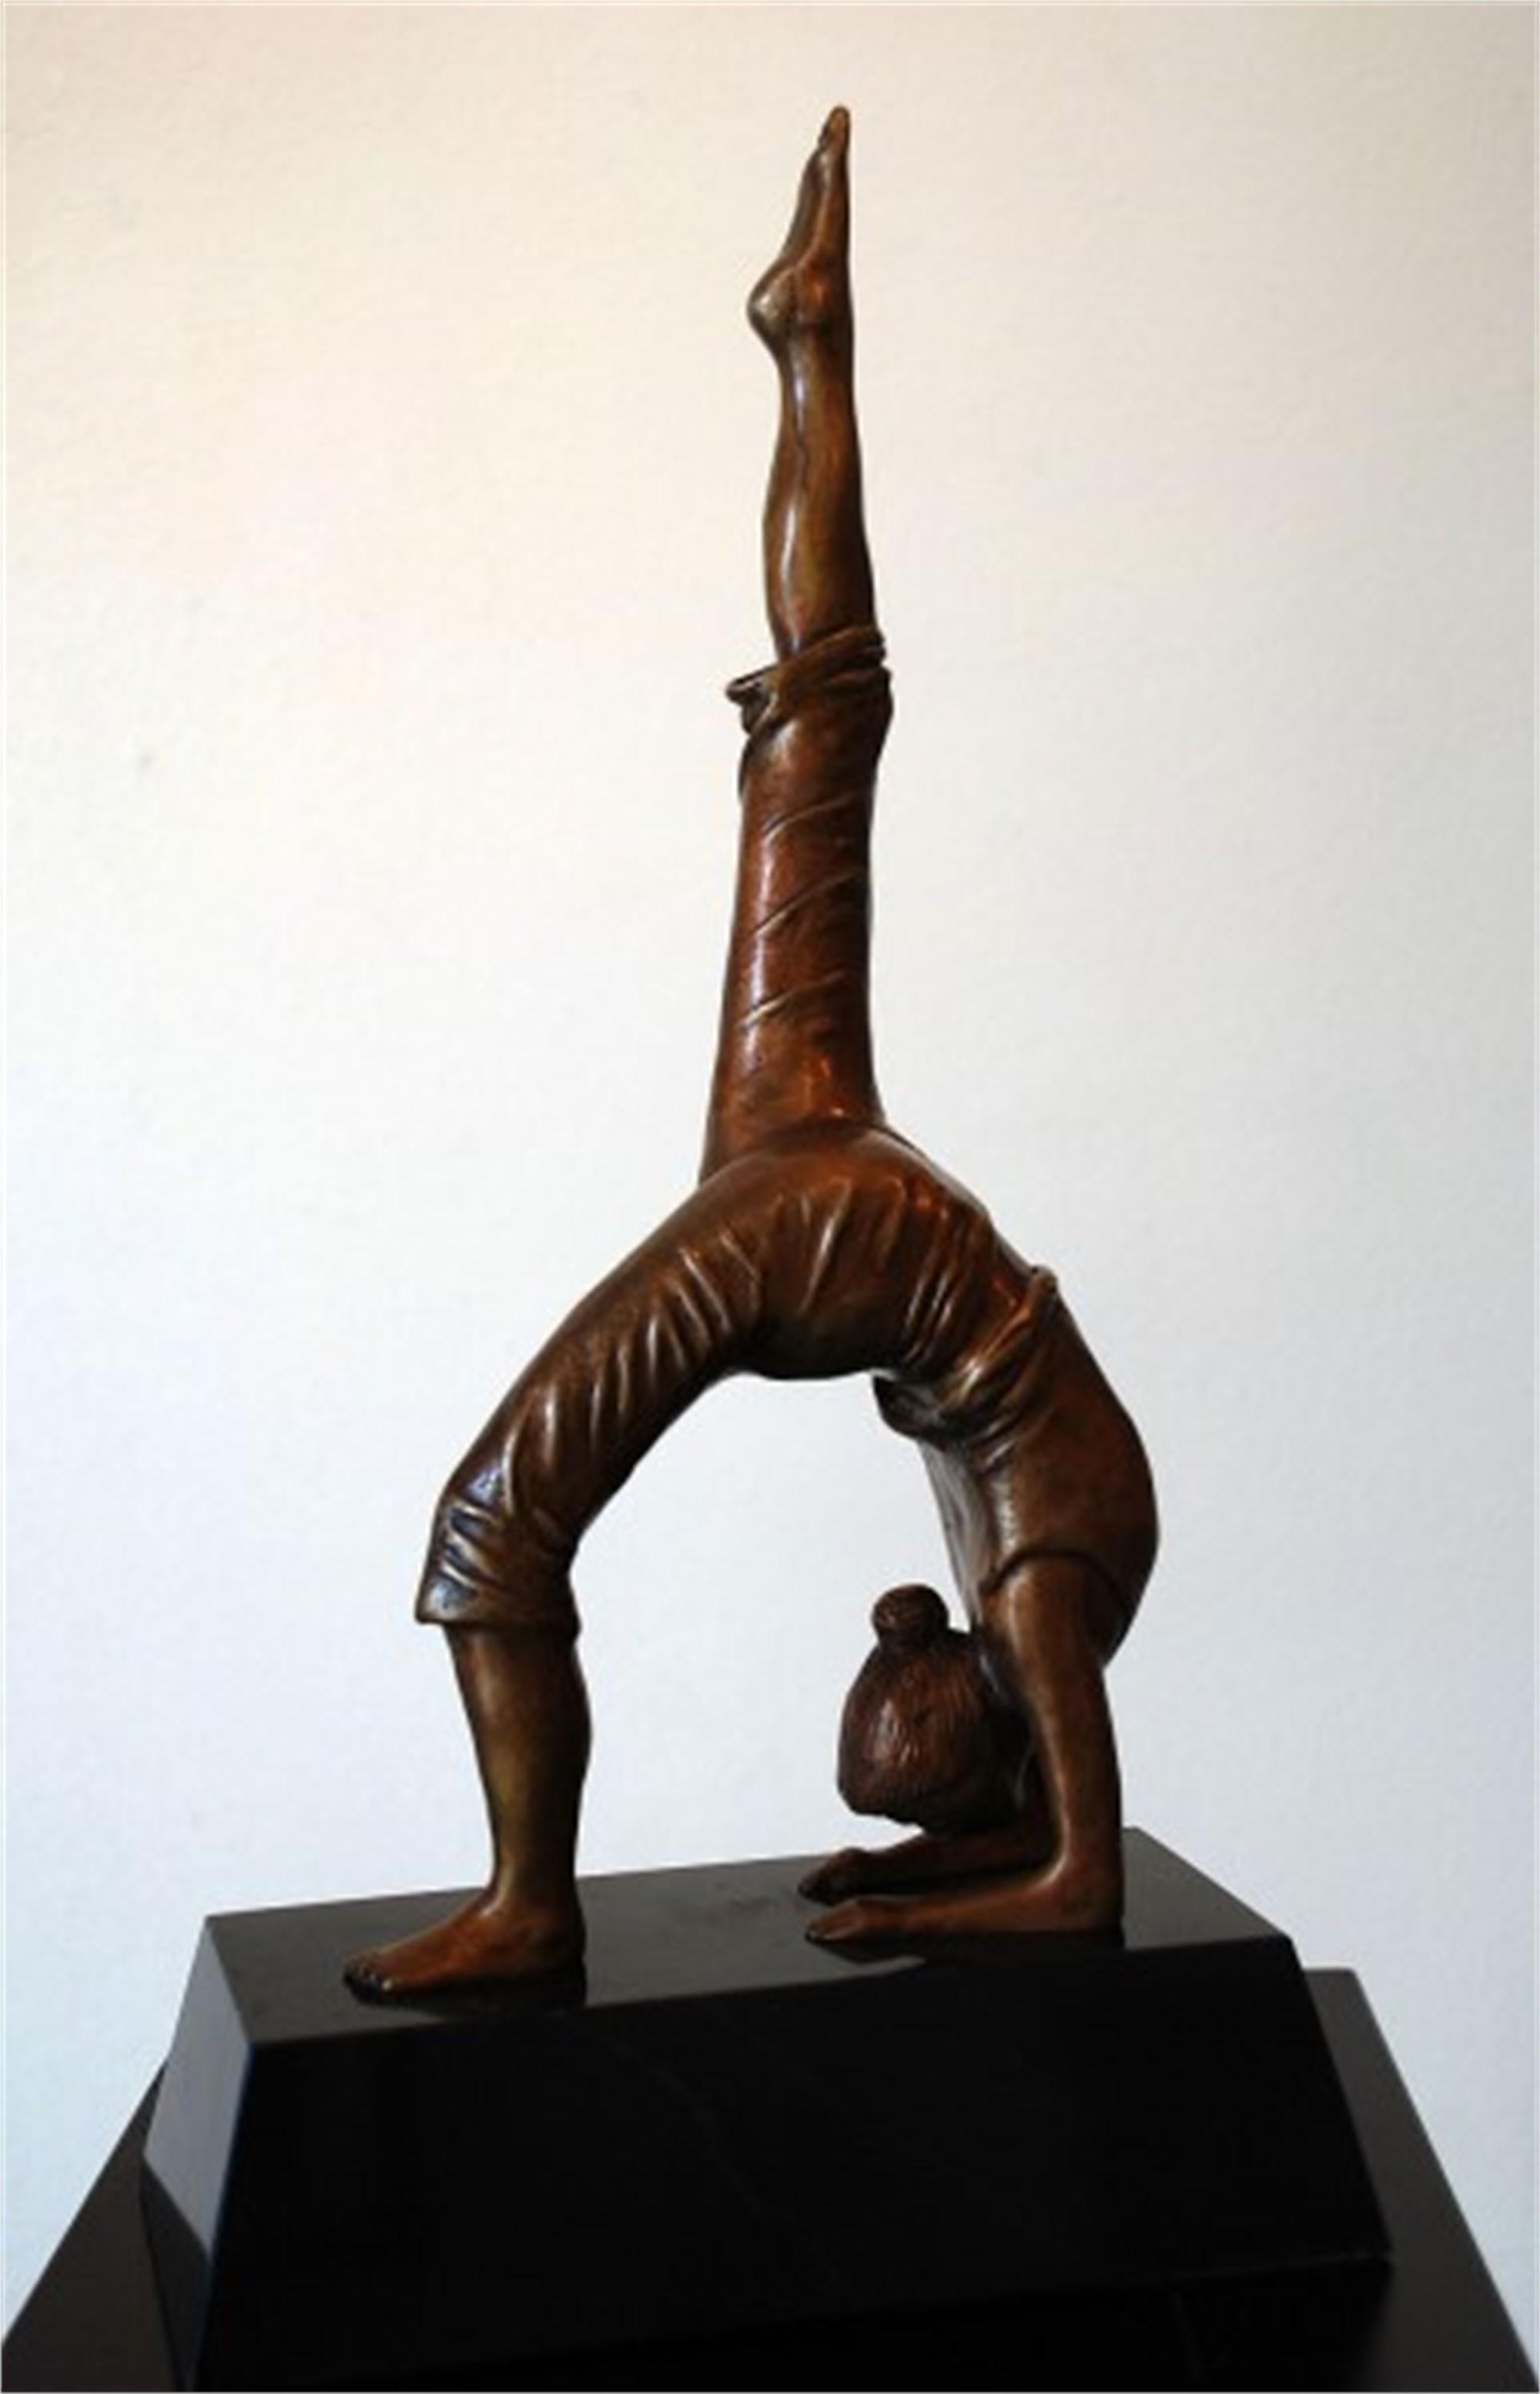 Dandasana by Joe Incrapera